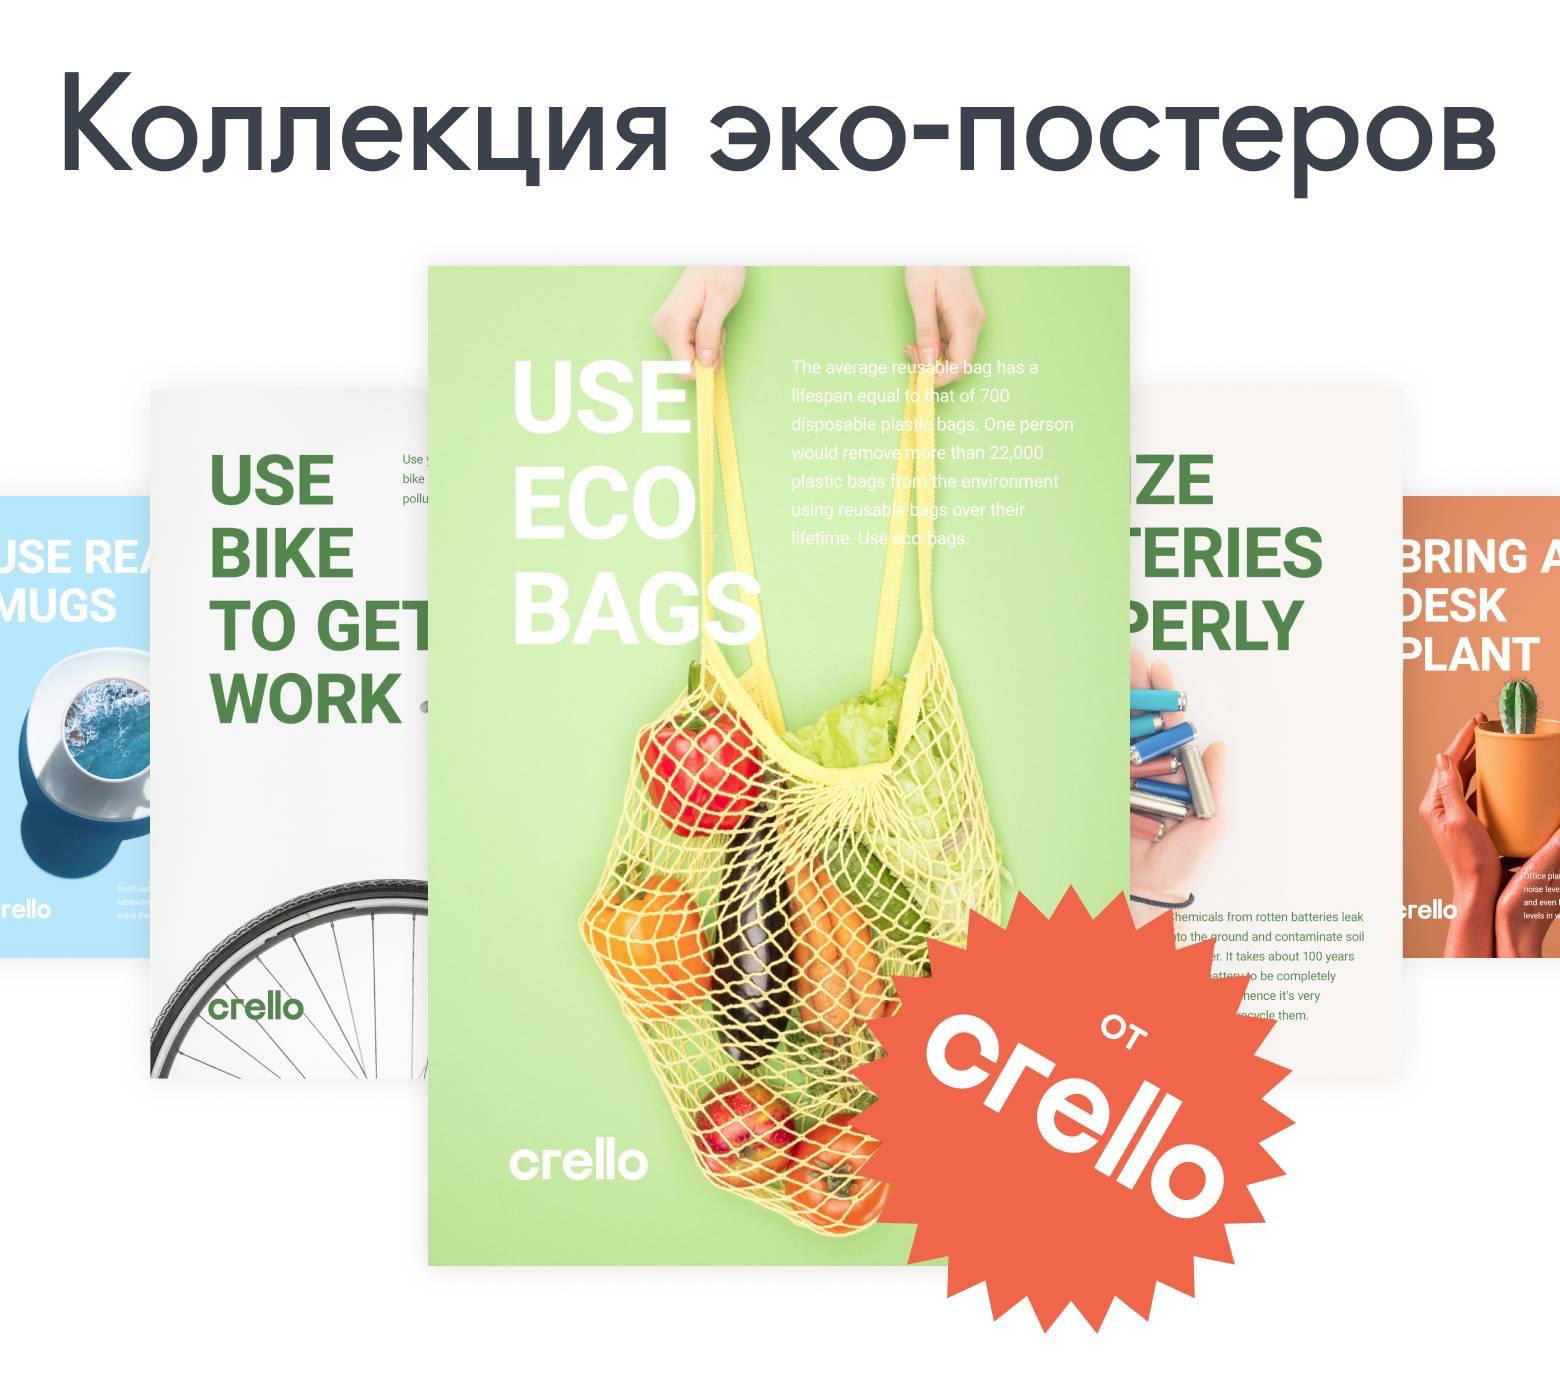 Crello запускает серию эко-инициатив